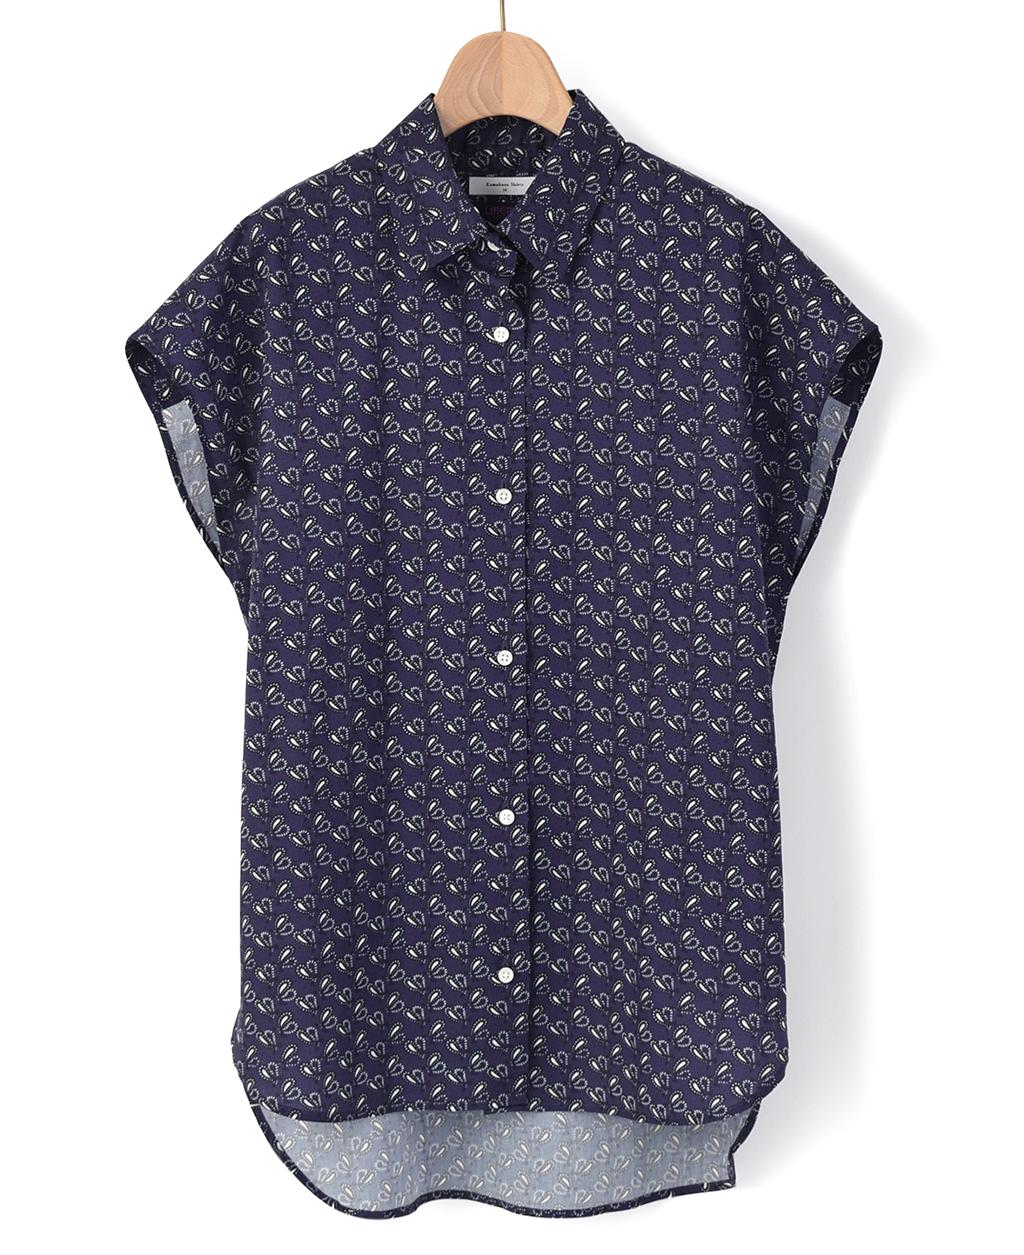 0b08917d685aca カジュアルシャツ(36サイズ / 7号 ブルー系): レディース | メーカーズ ...